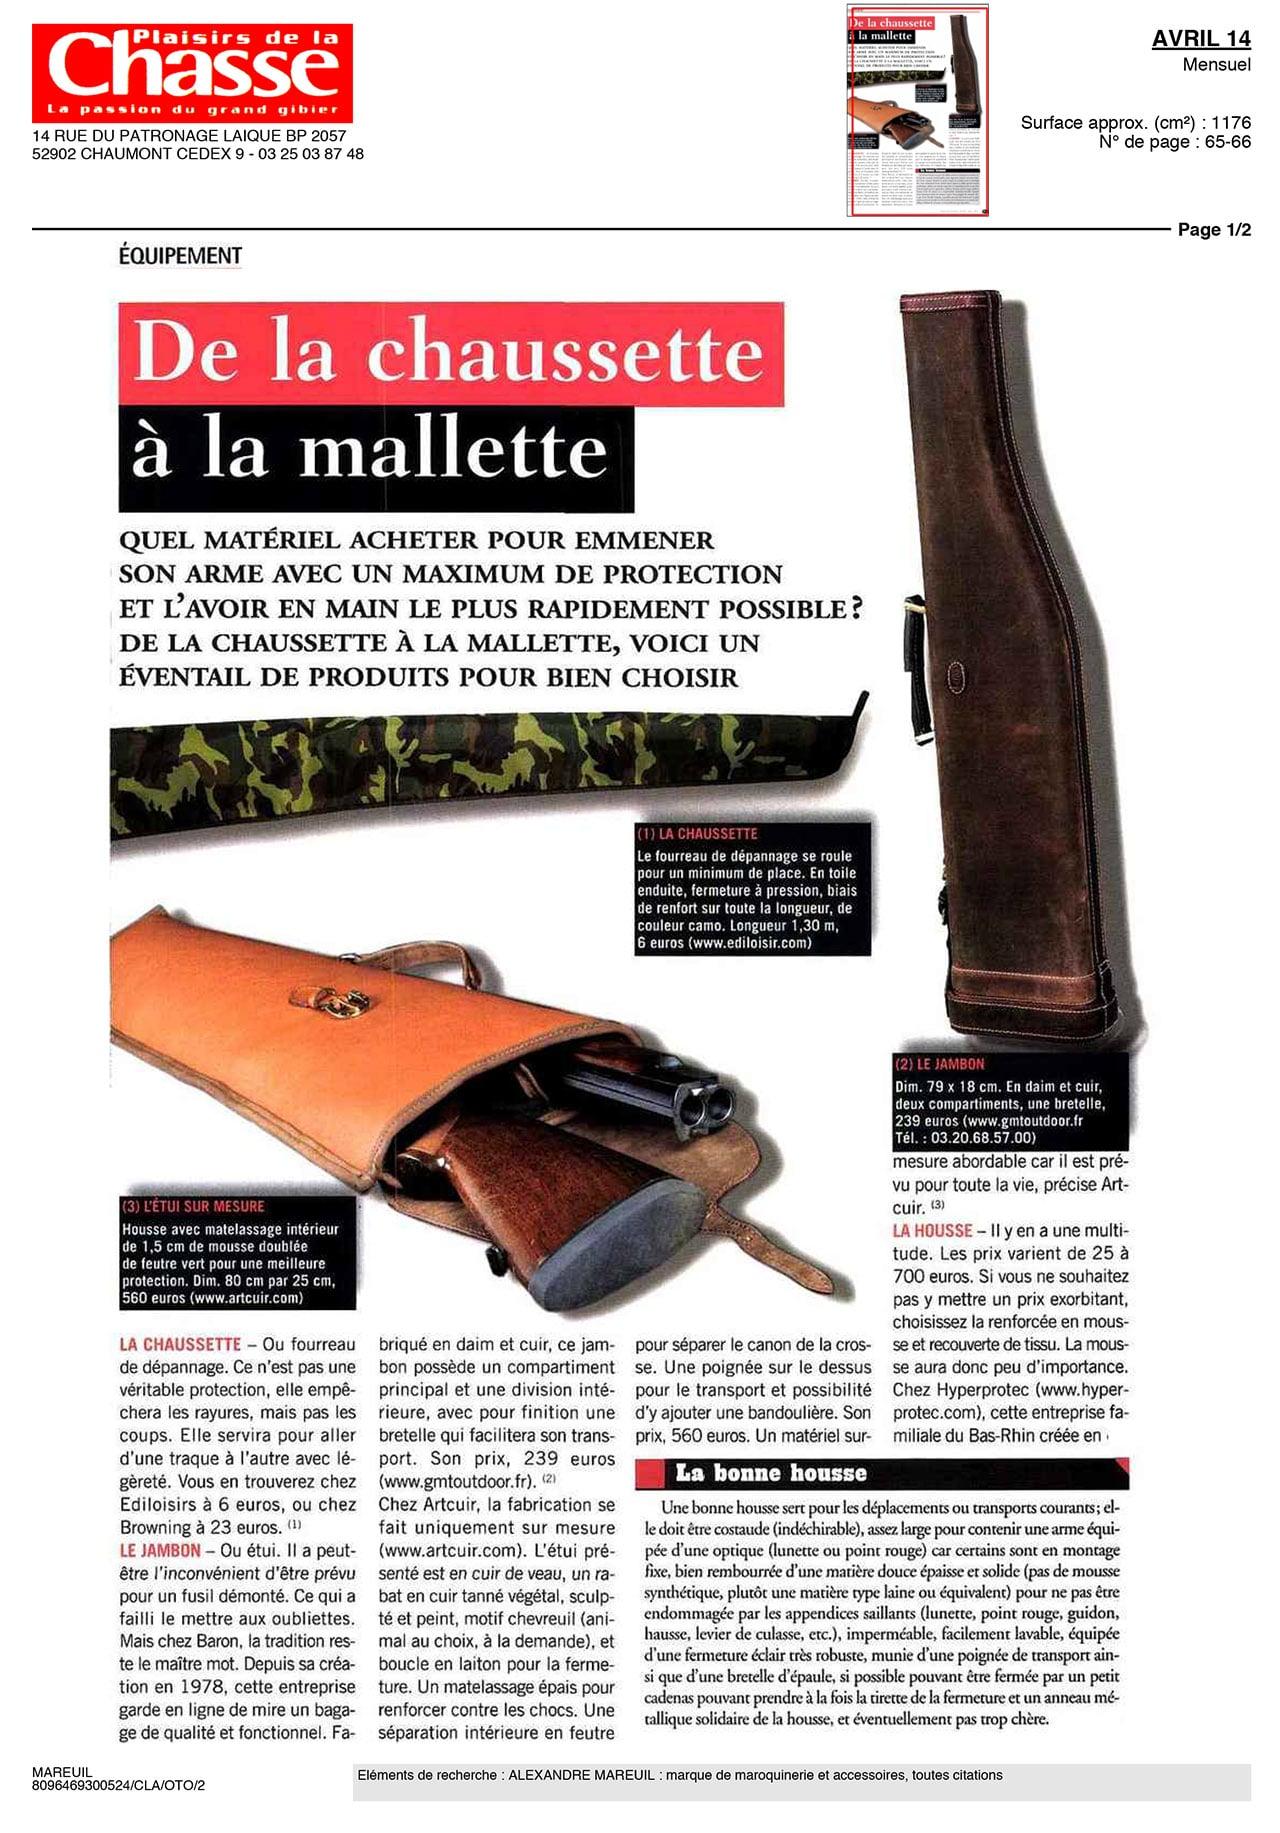 ALEXANDRE-MAREUIL-parutions-plaisir-de-la-chasse-avril-14-1-2